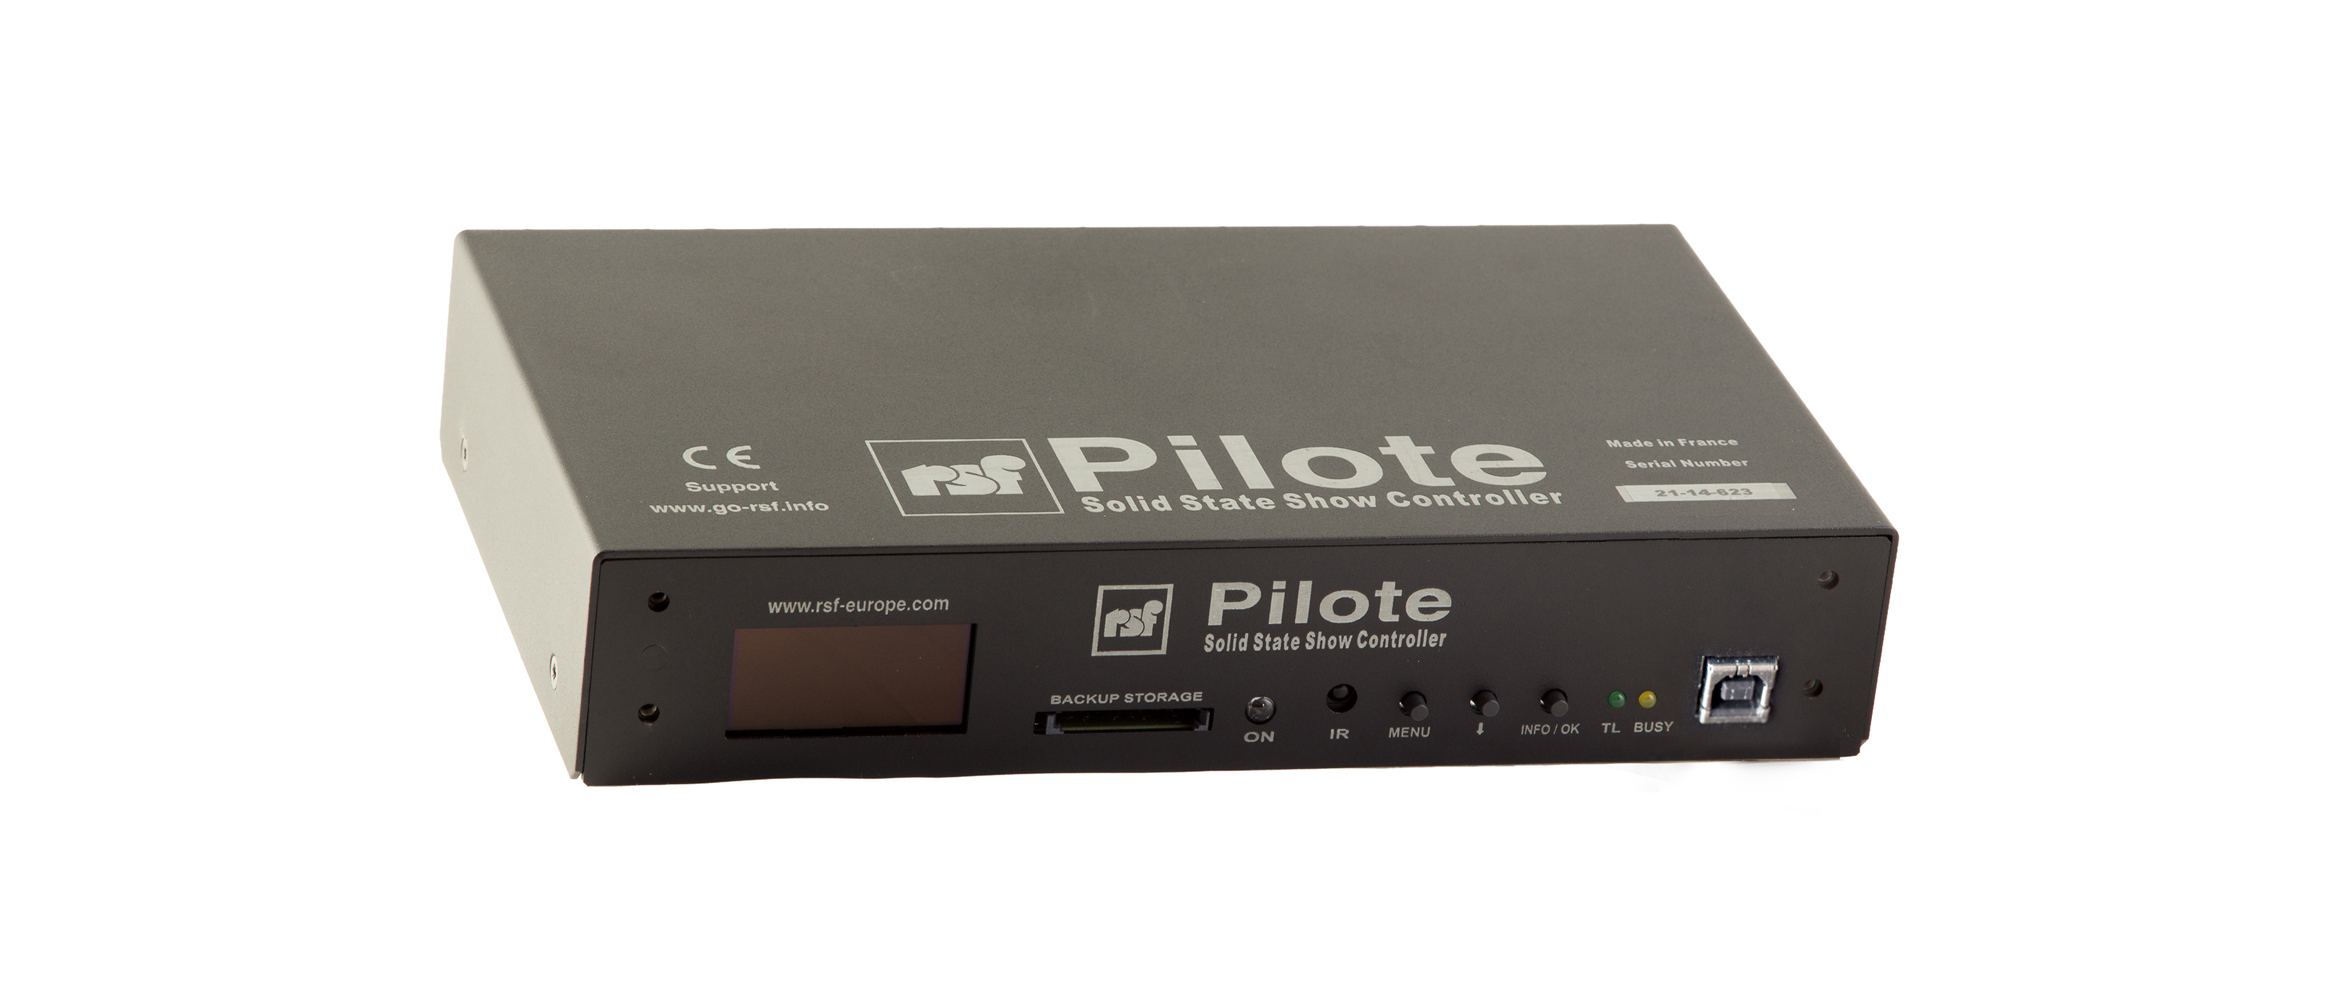 pilote small